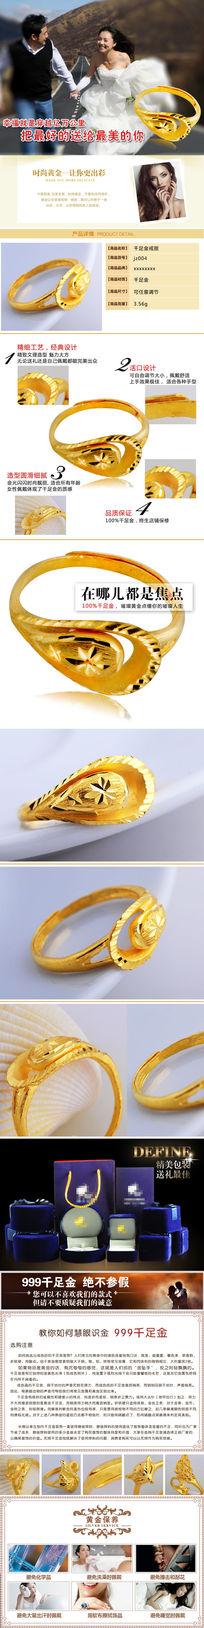 淘宝天猫戒指详情宝贝描述模板